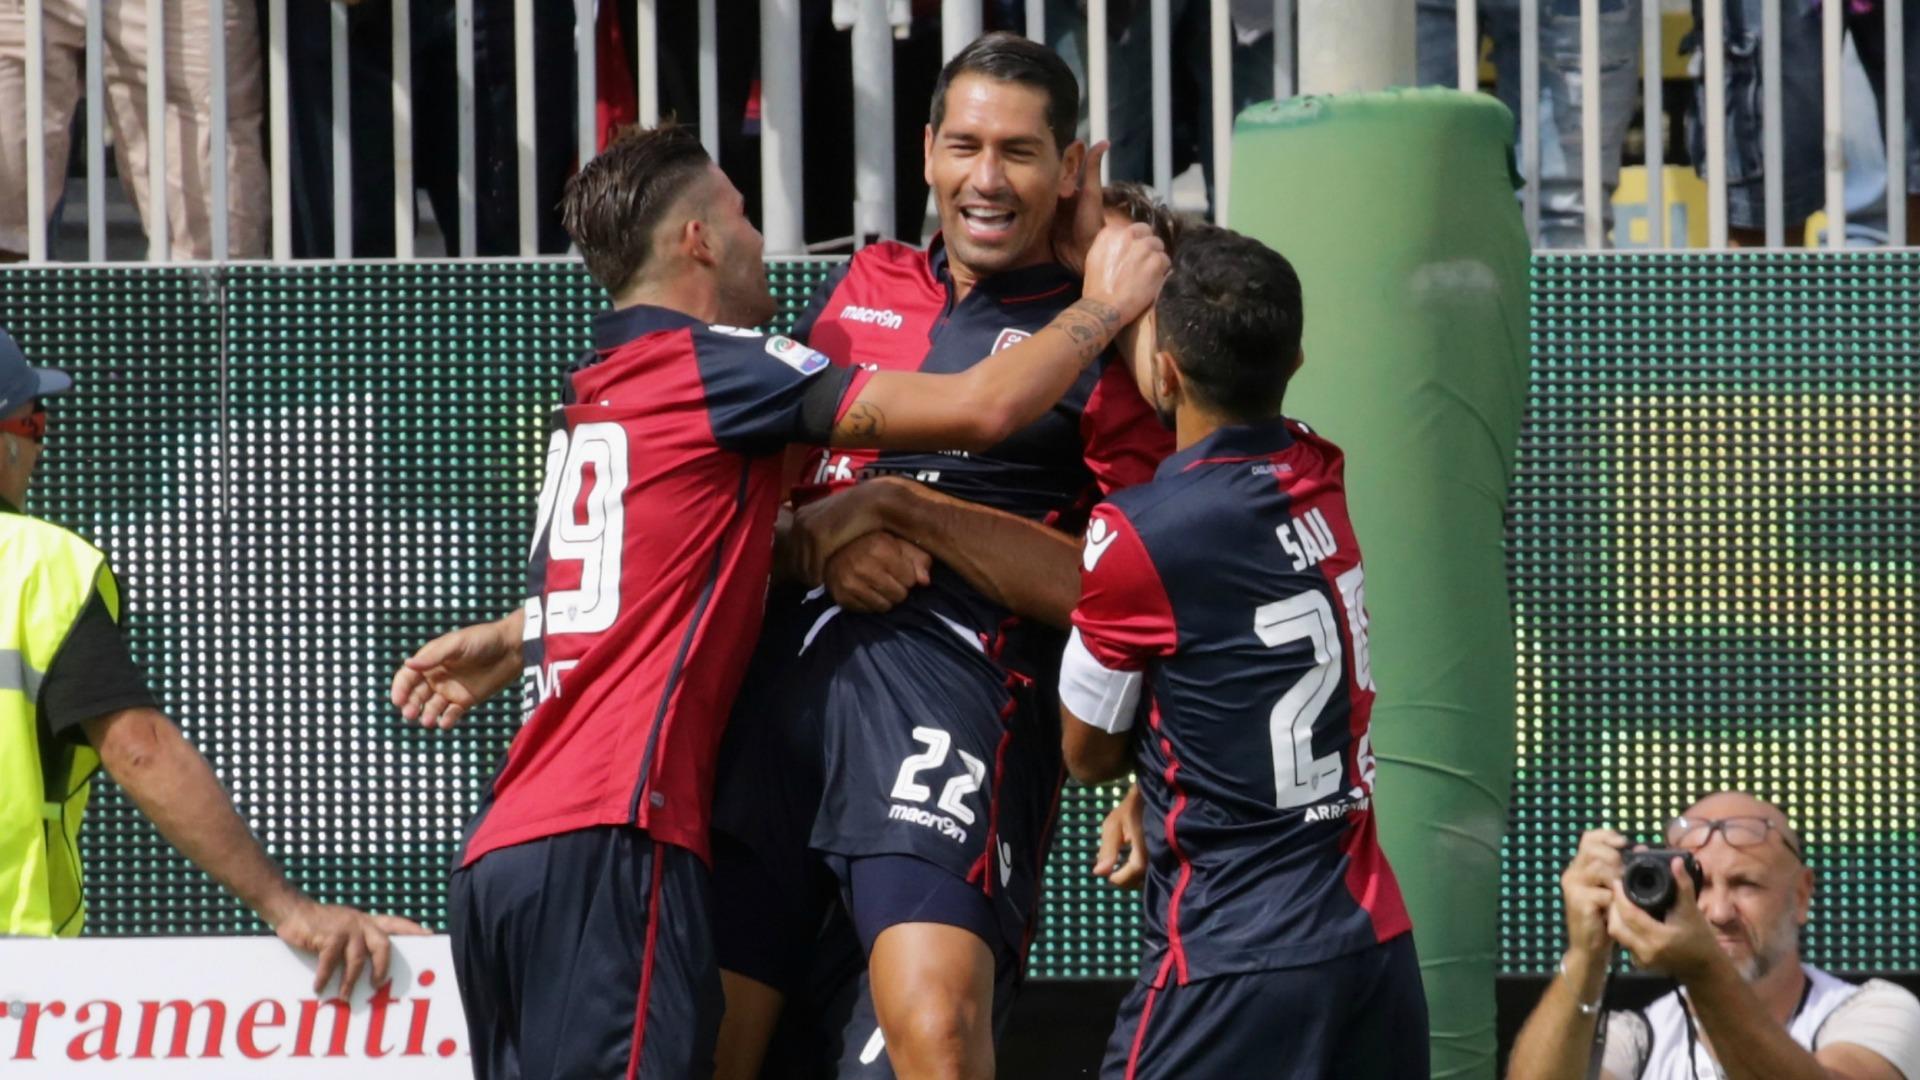 Coppa Italia, il capocannoniere è Borriello con 4 gol